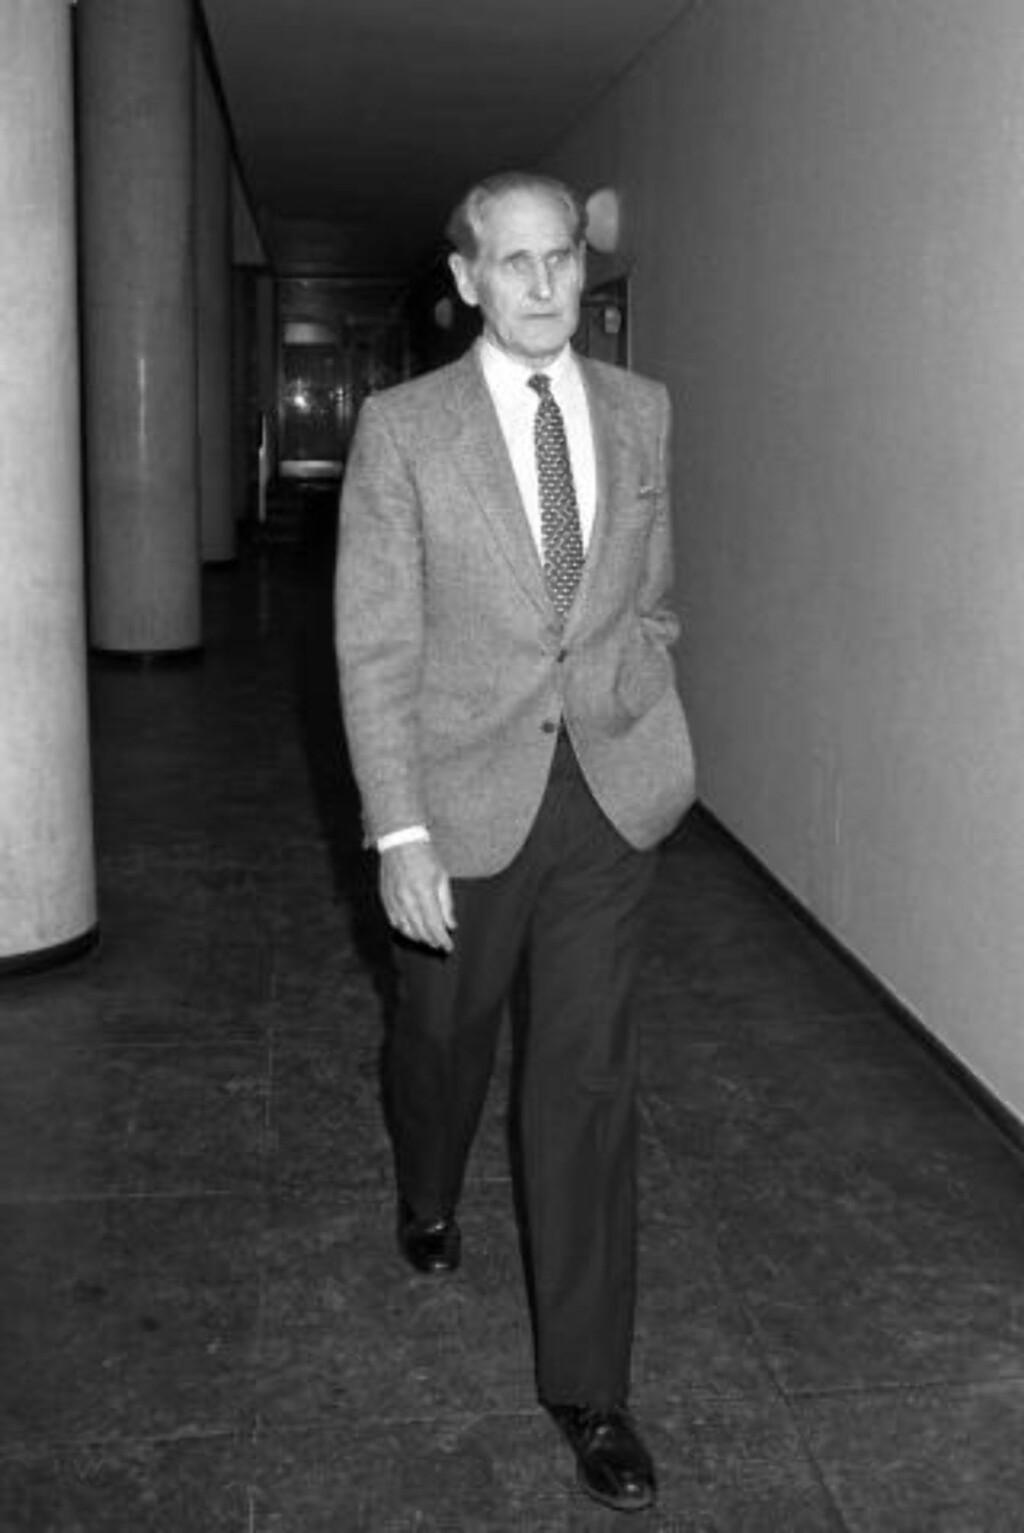 INFORMERTE OM ELEKTRONISK OVERVÅKNING: POTs etterforskningsleder i Treholt-saken Ørnulf Tofte fortalte om videoovervåkningen til Lund-kommisjonen i 1996.  FOTO: Bjørn Sigurdsøn / SCANPIX